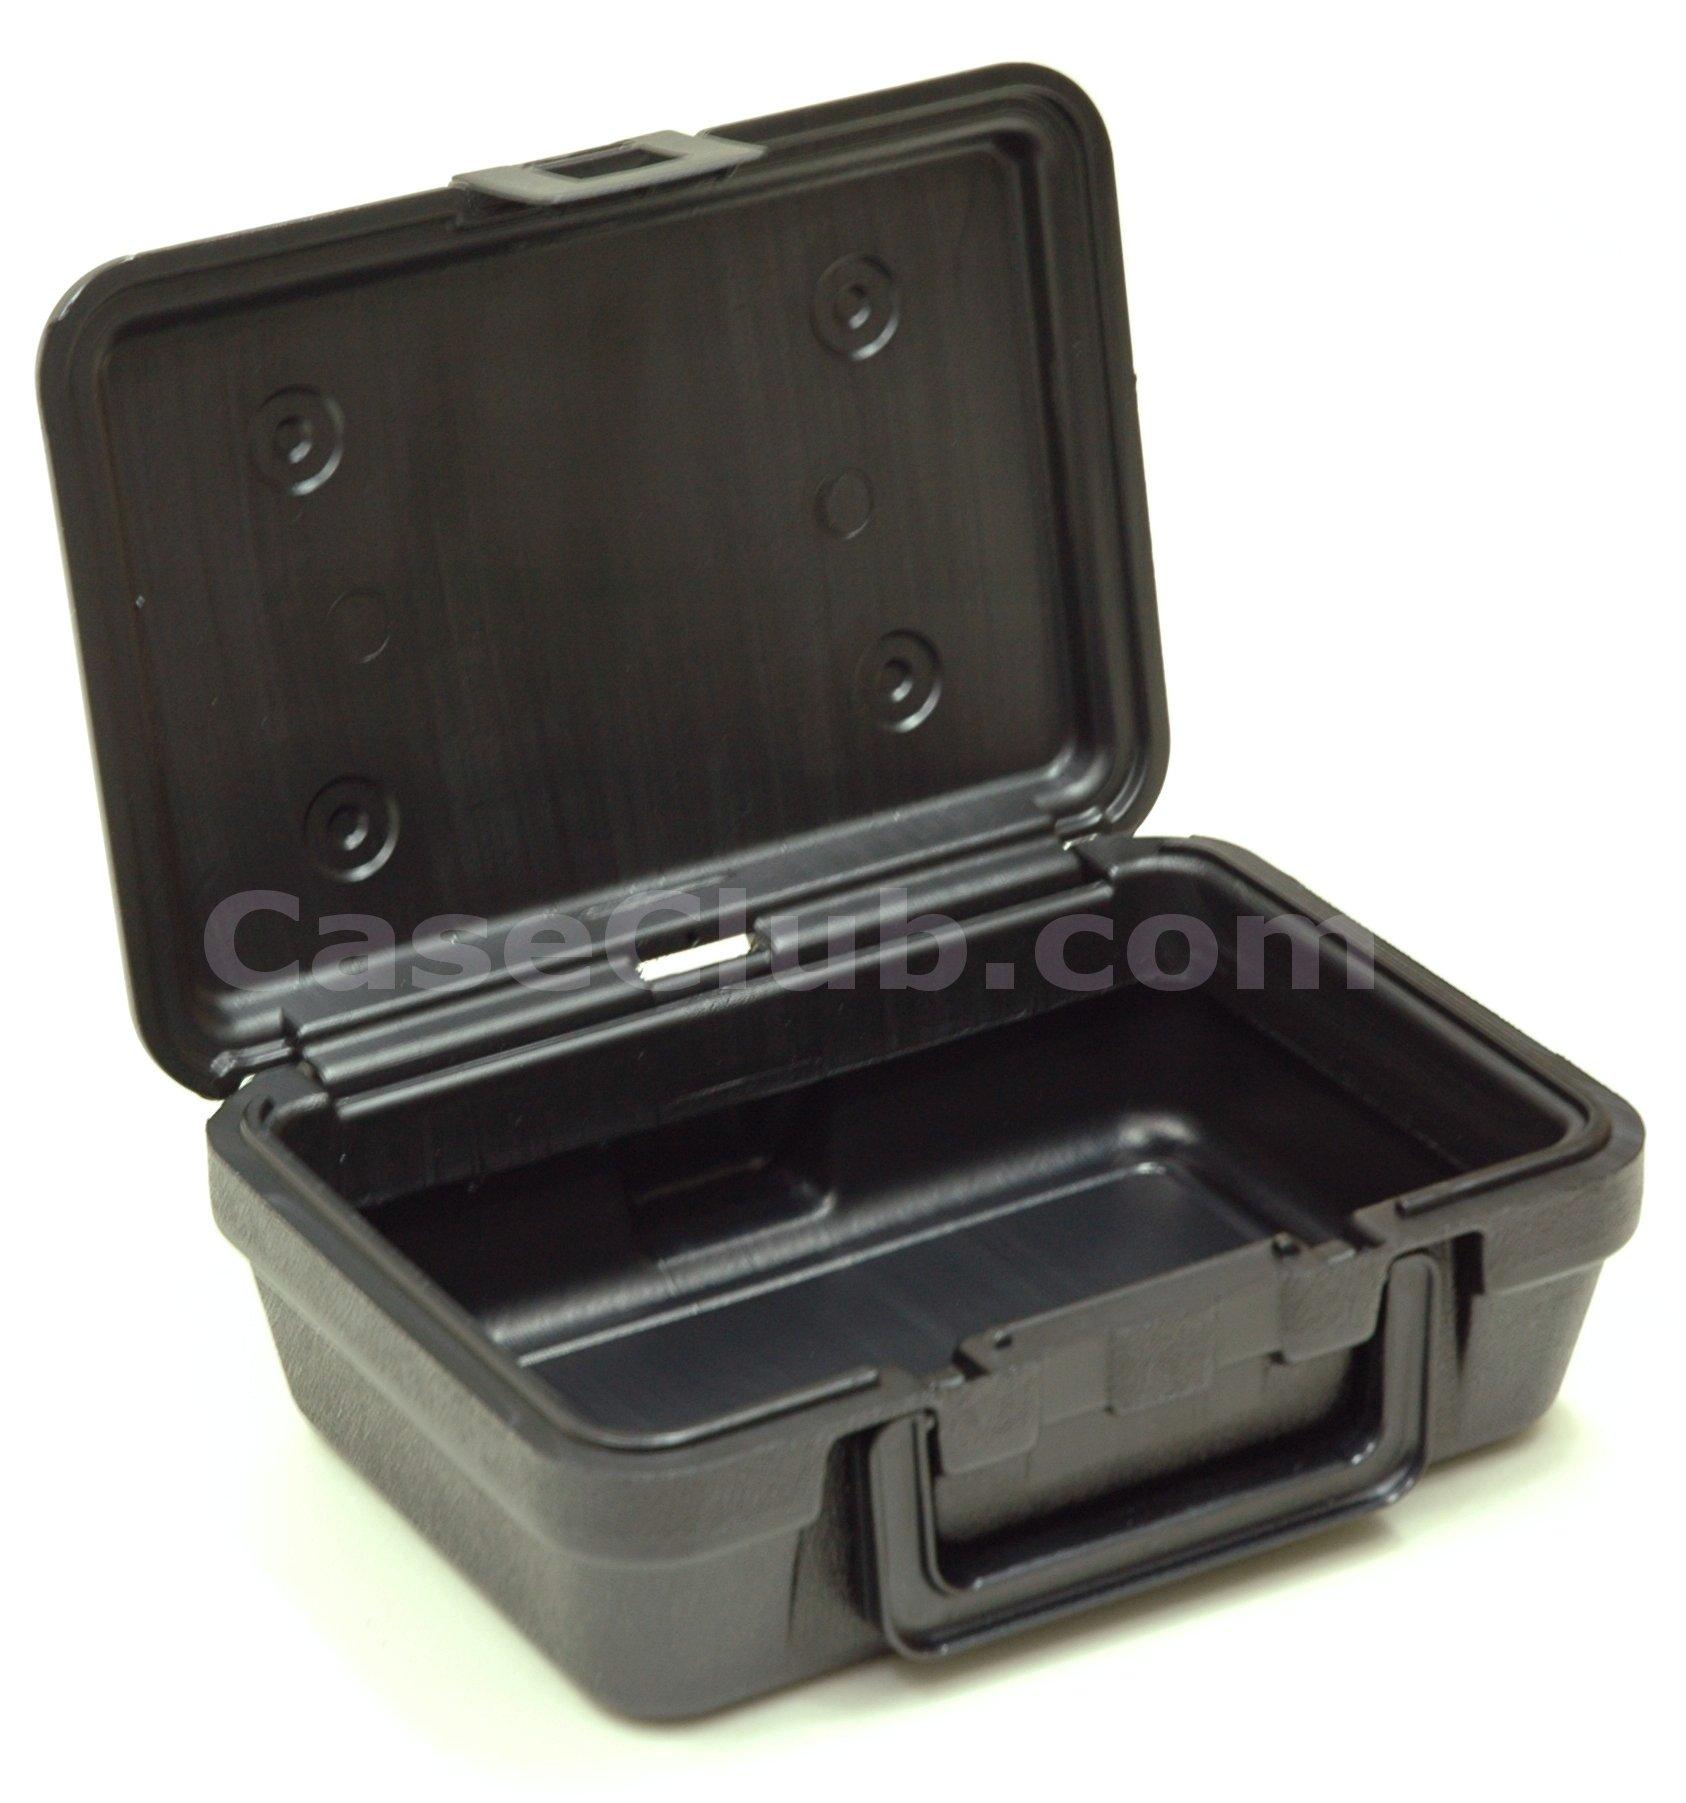 B8.5x6.0x3.0 Case